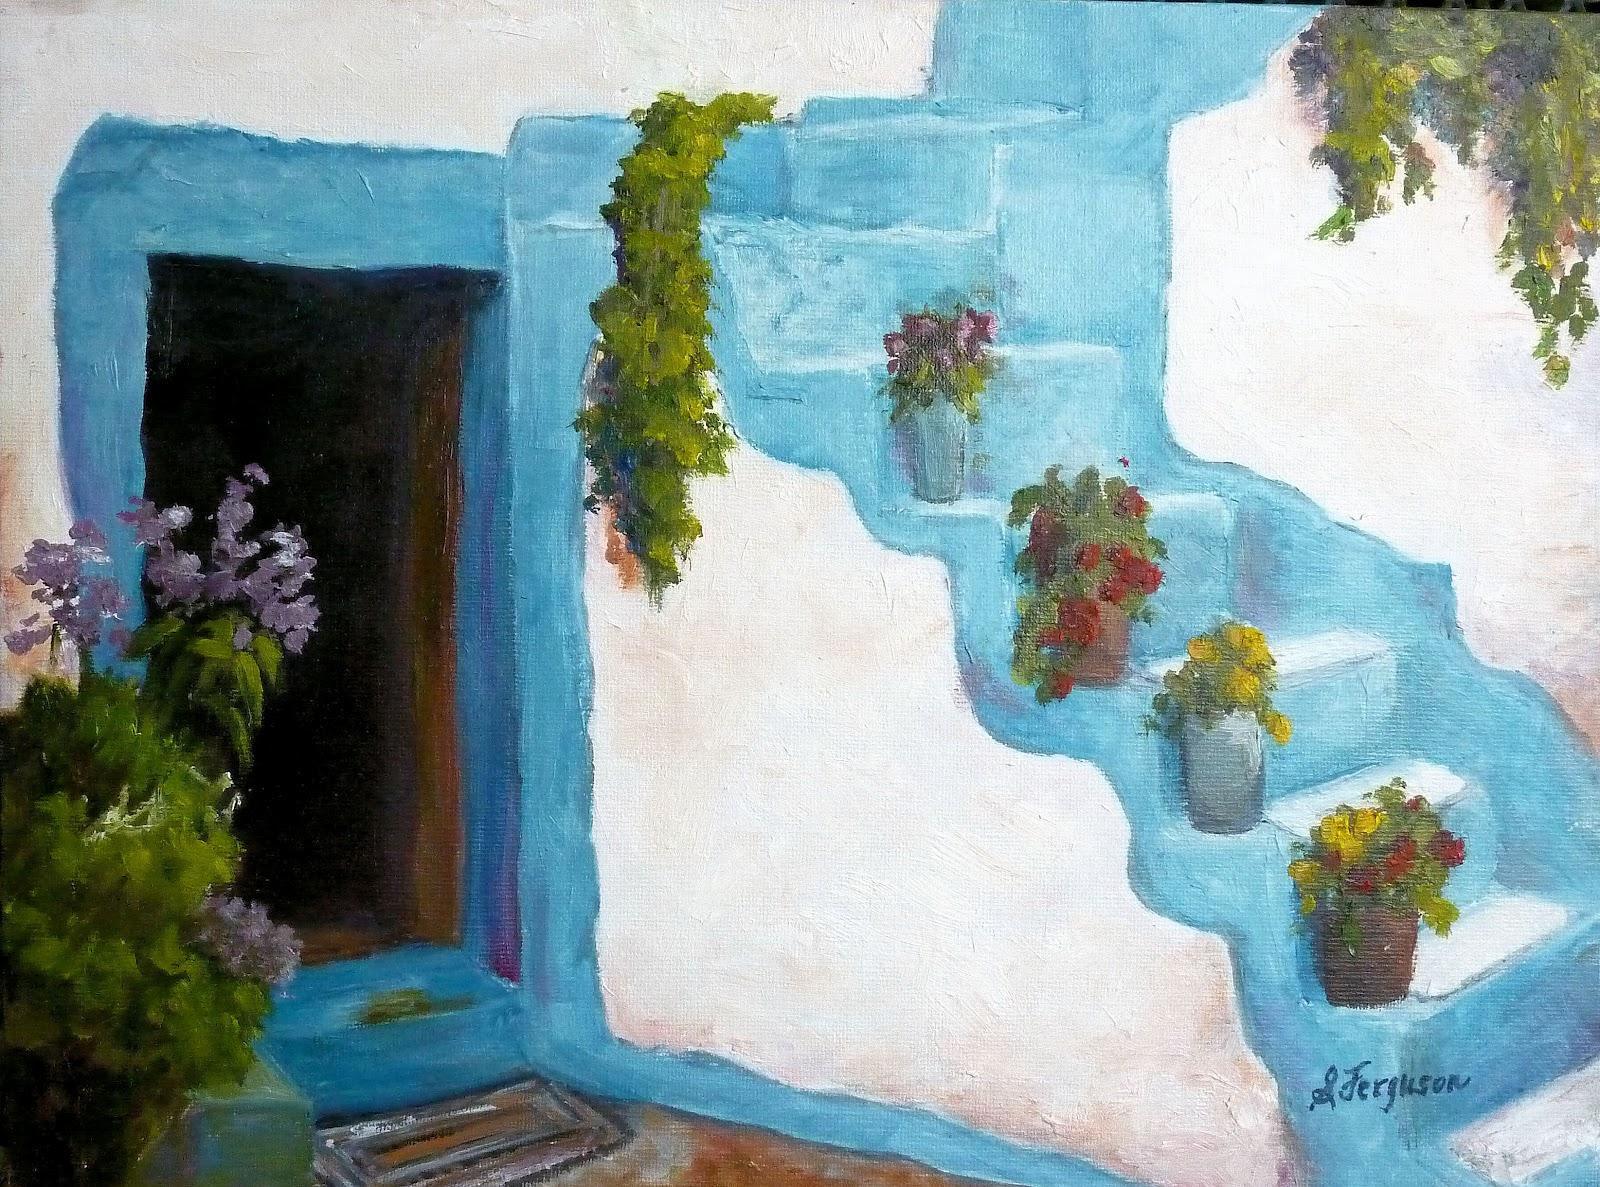 http://3.bp.blogspot.com/-NRtZbmdFZ-0/T5MfhvuB9GI/AAAAAAAAADY/NOQiVPmlApU/s1600/2012-04-21+Greek+Island+doorways+001+3.jpg